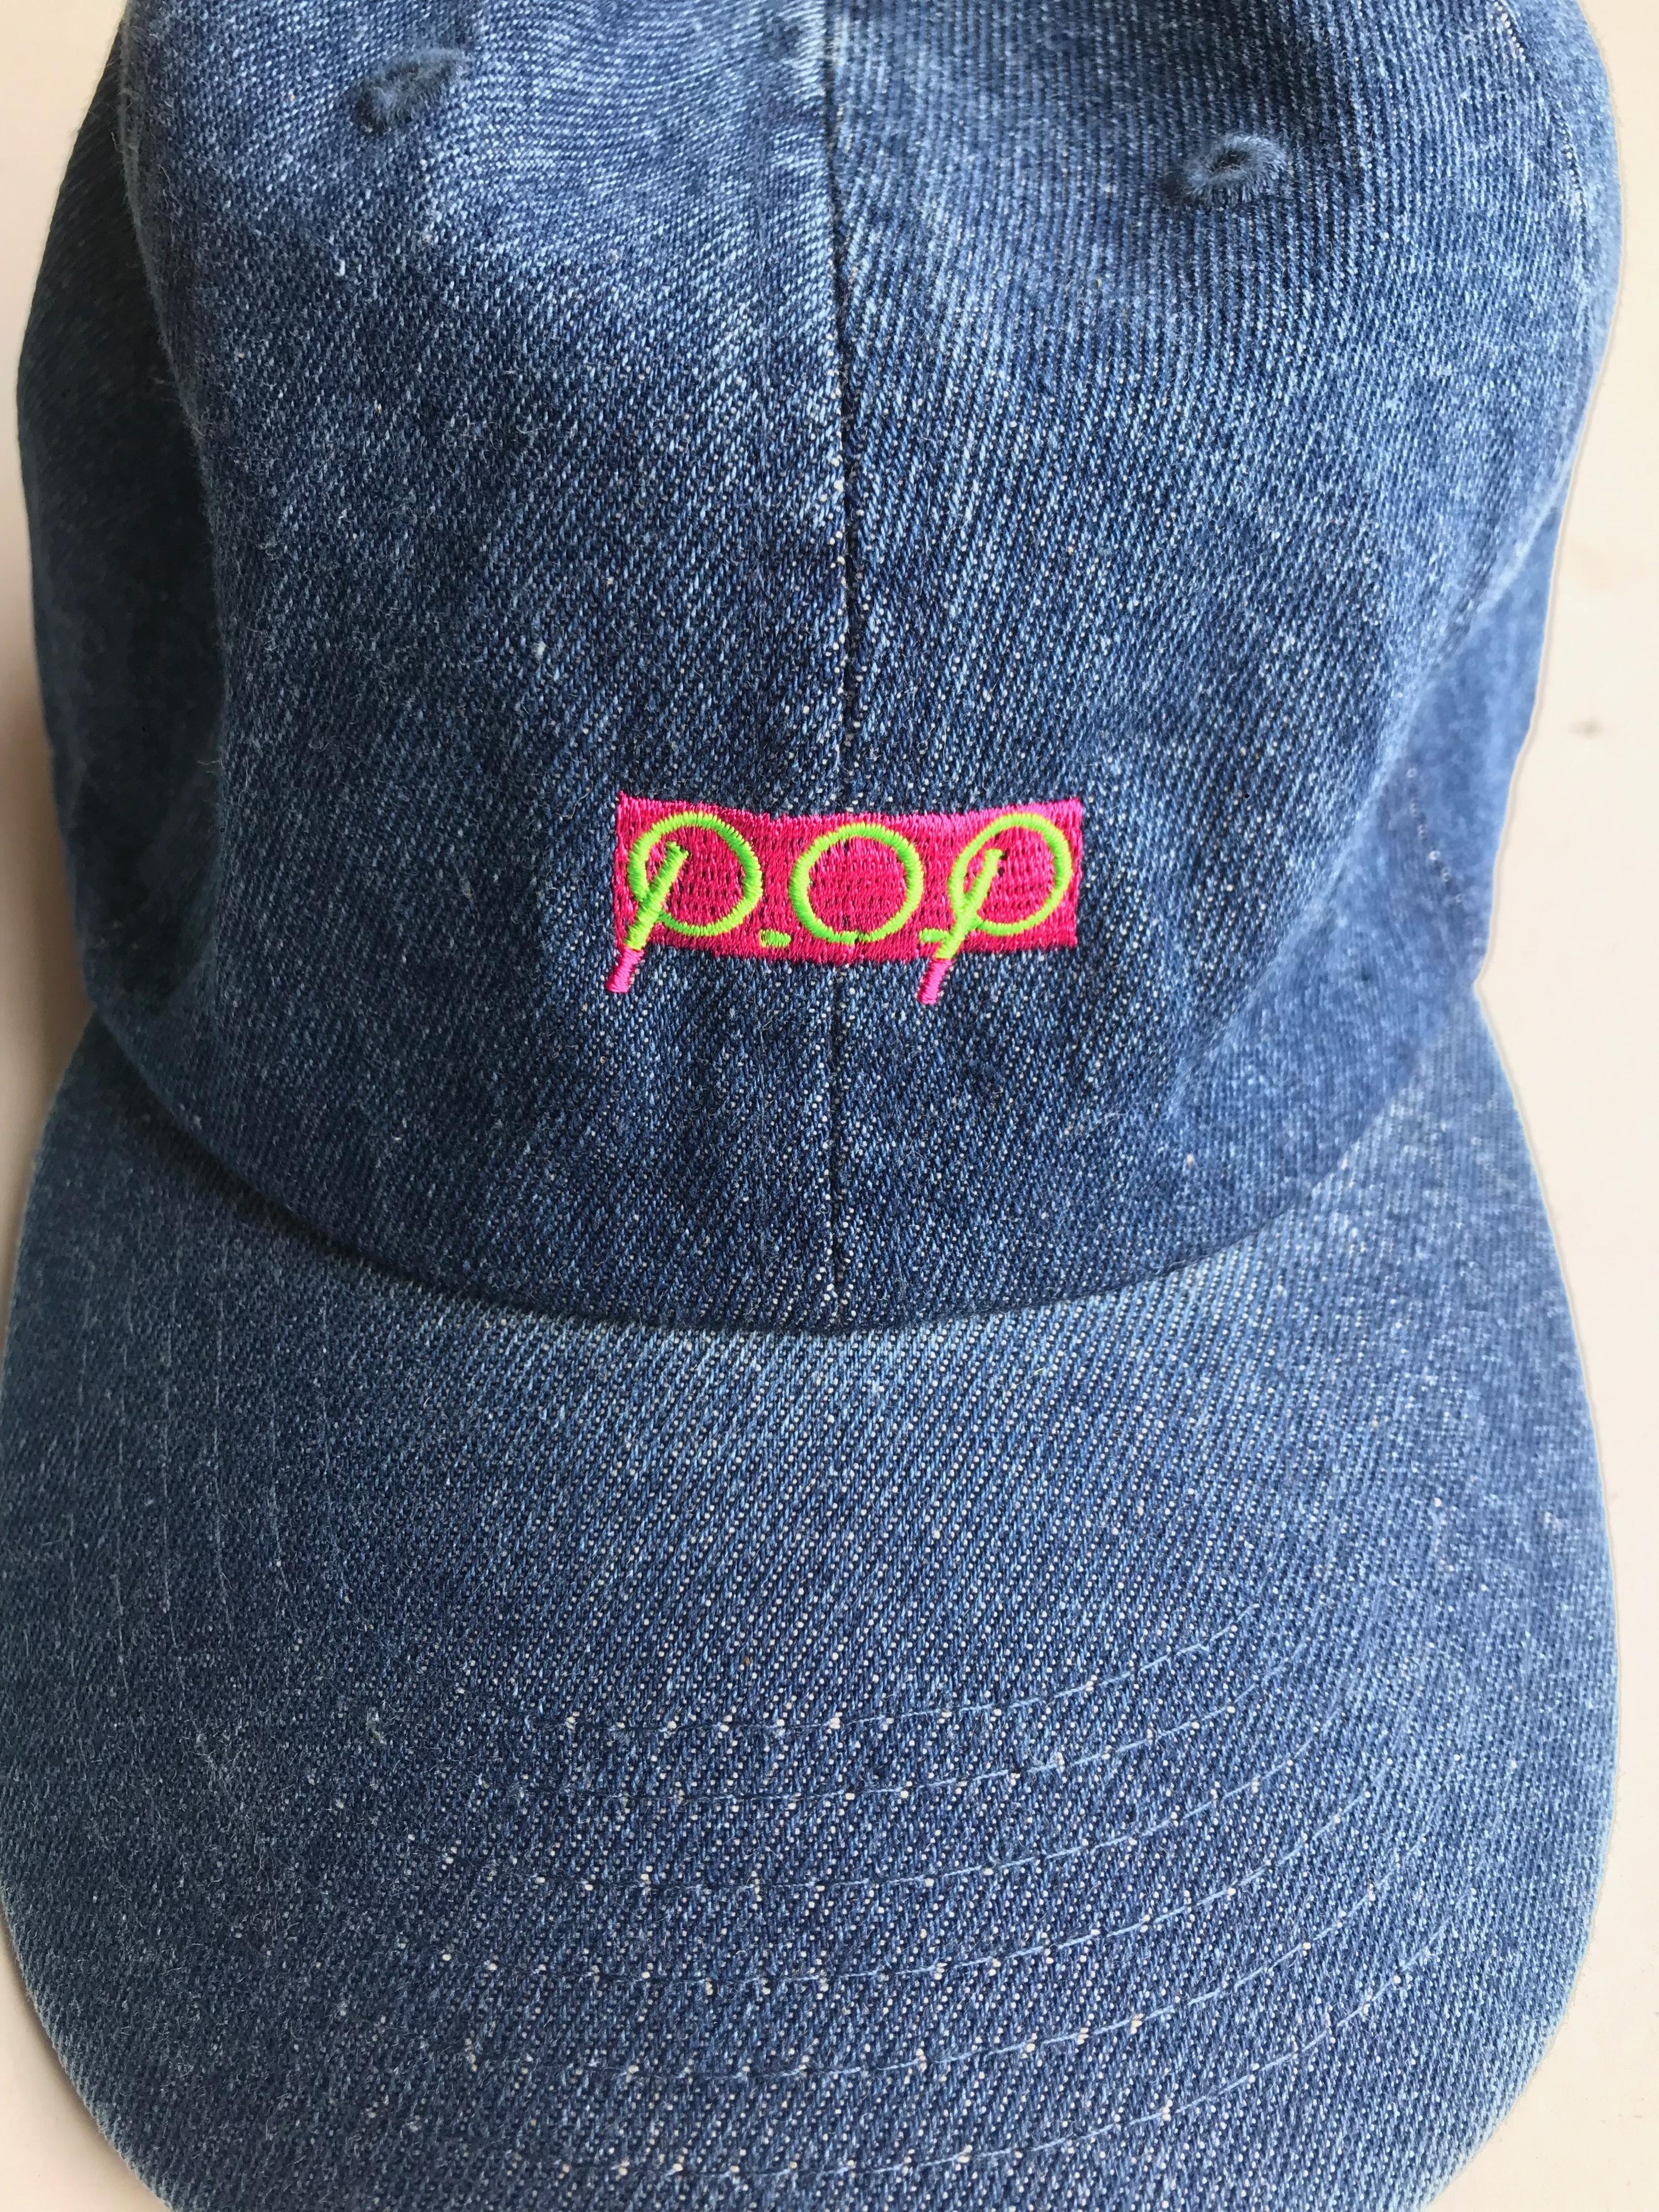 P.O.P CAP 2019 SUMMER - 画像2